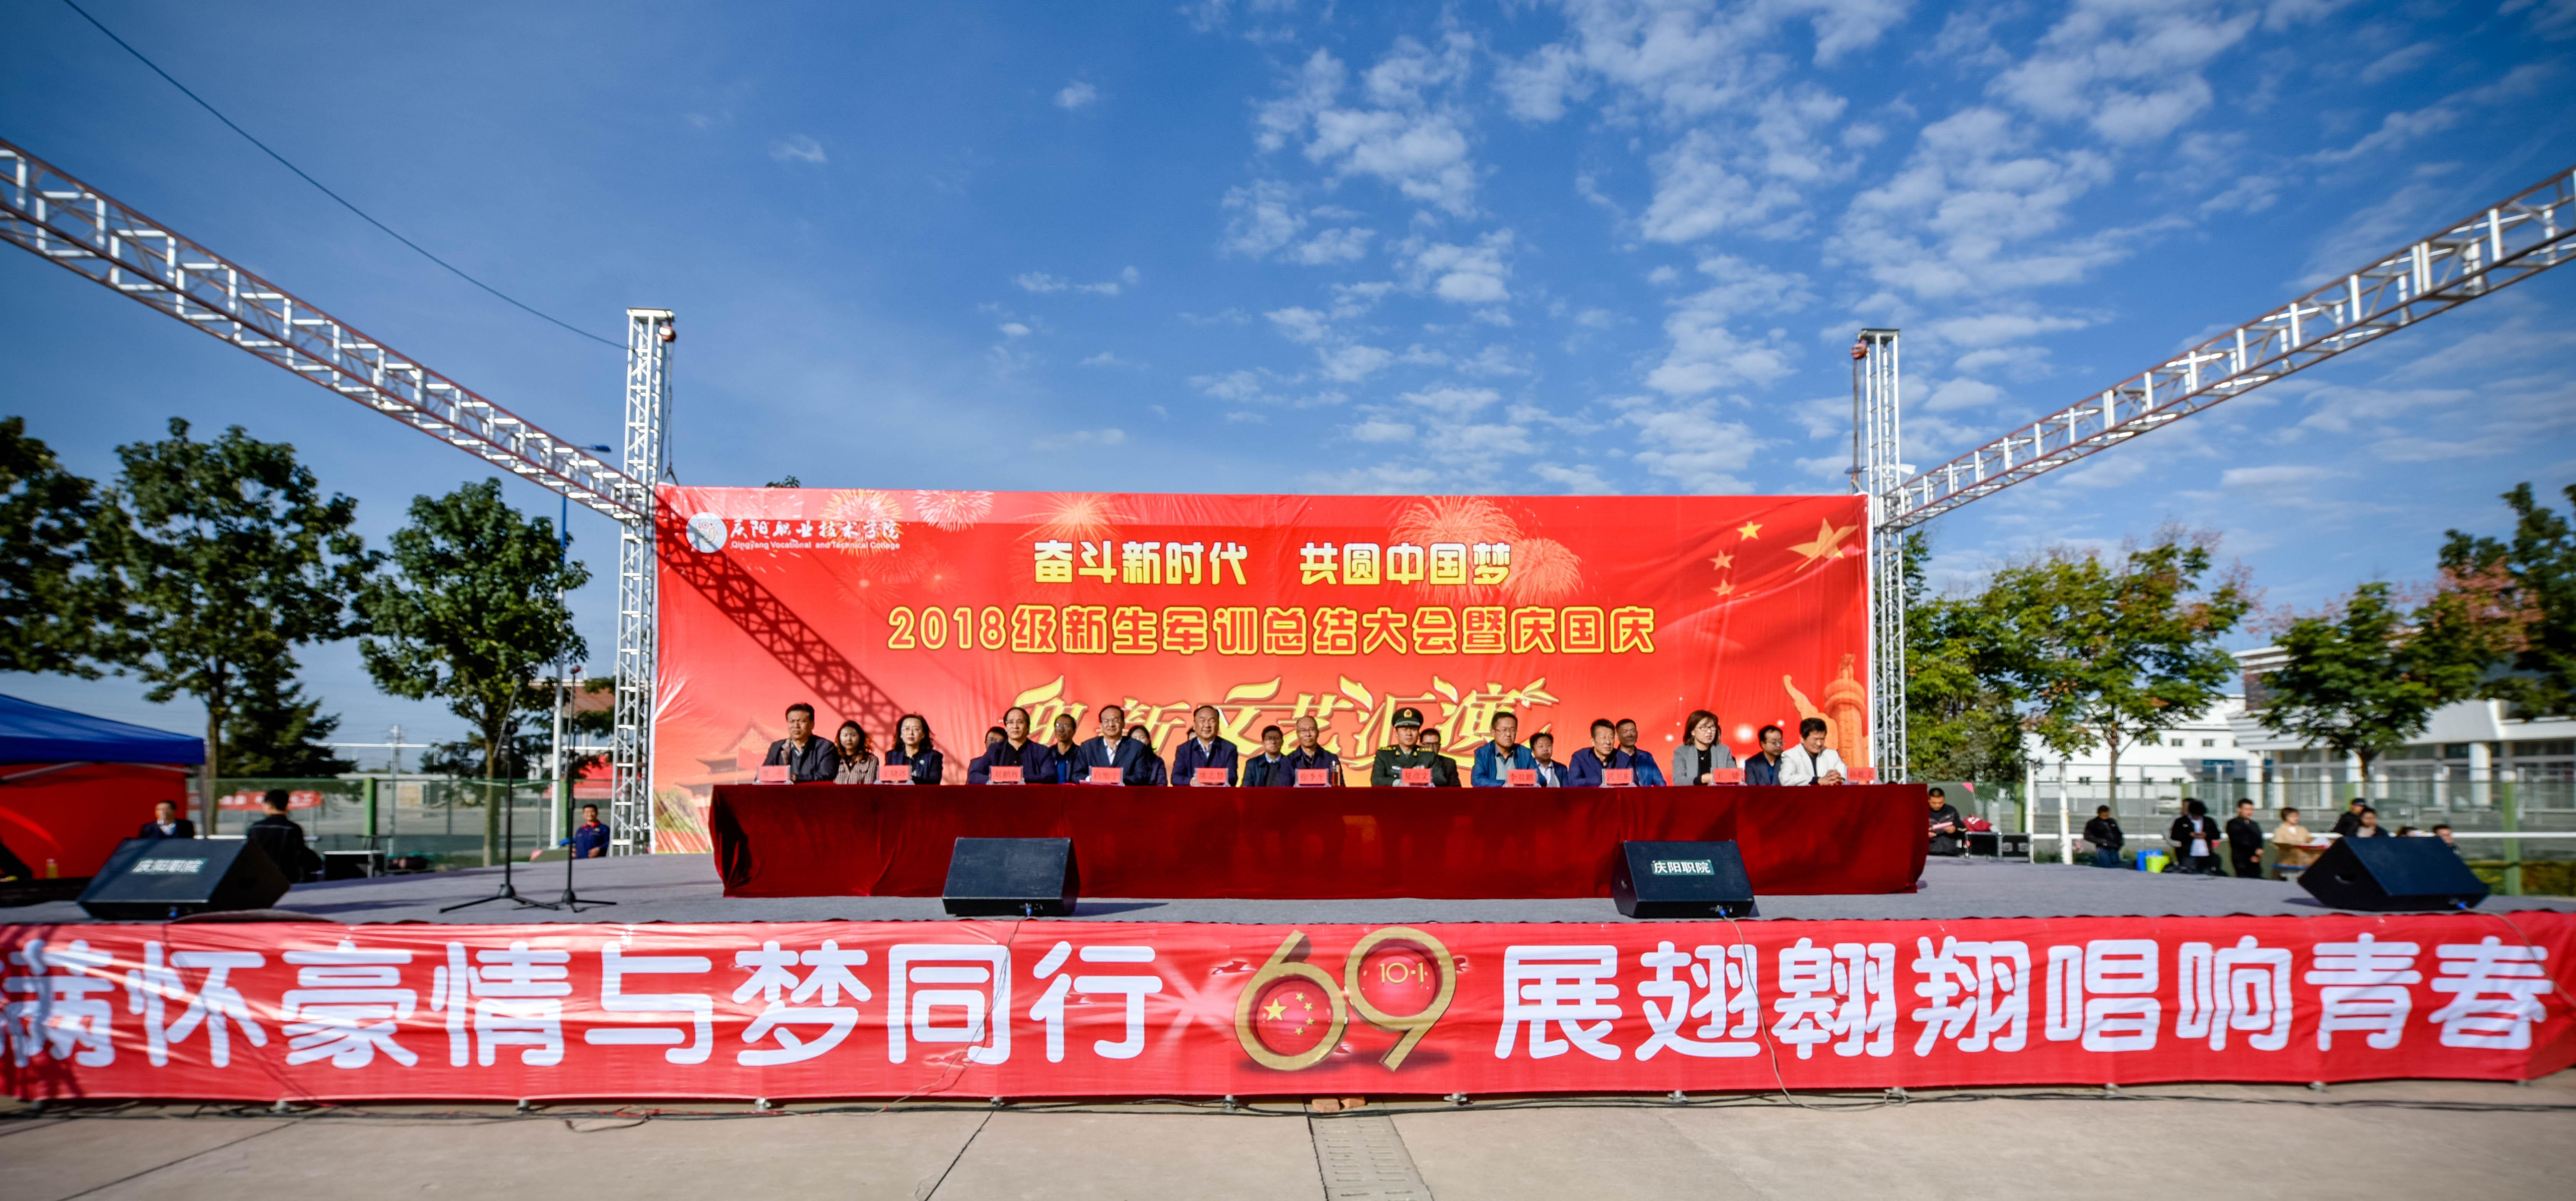 庆阳职业技术beplay体育官网举行2018级学生军训总结大会